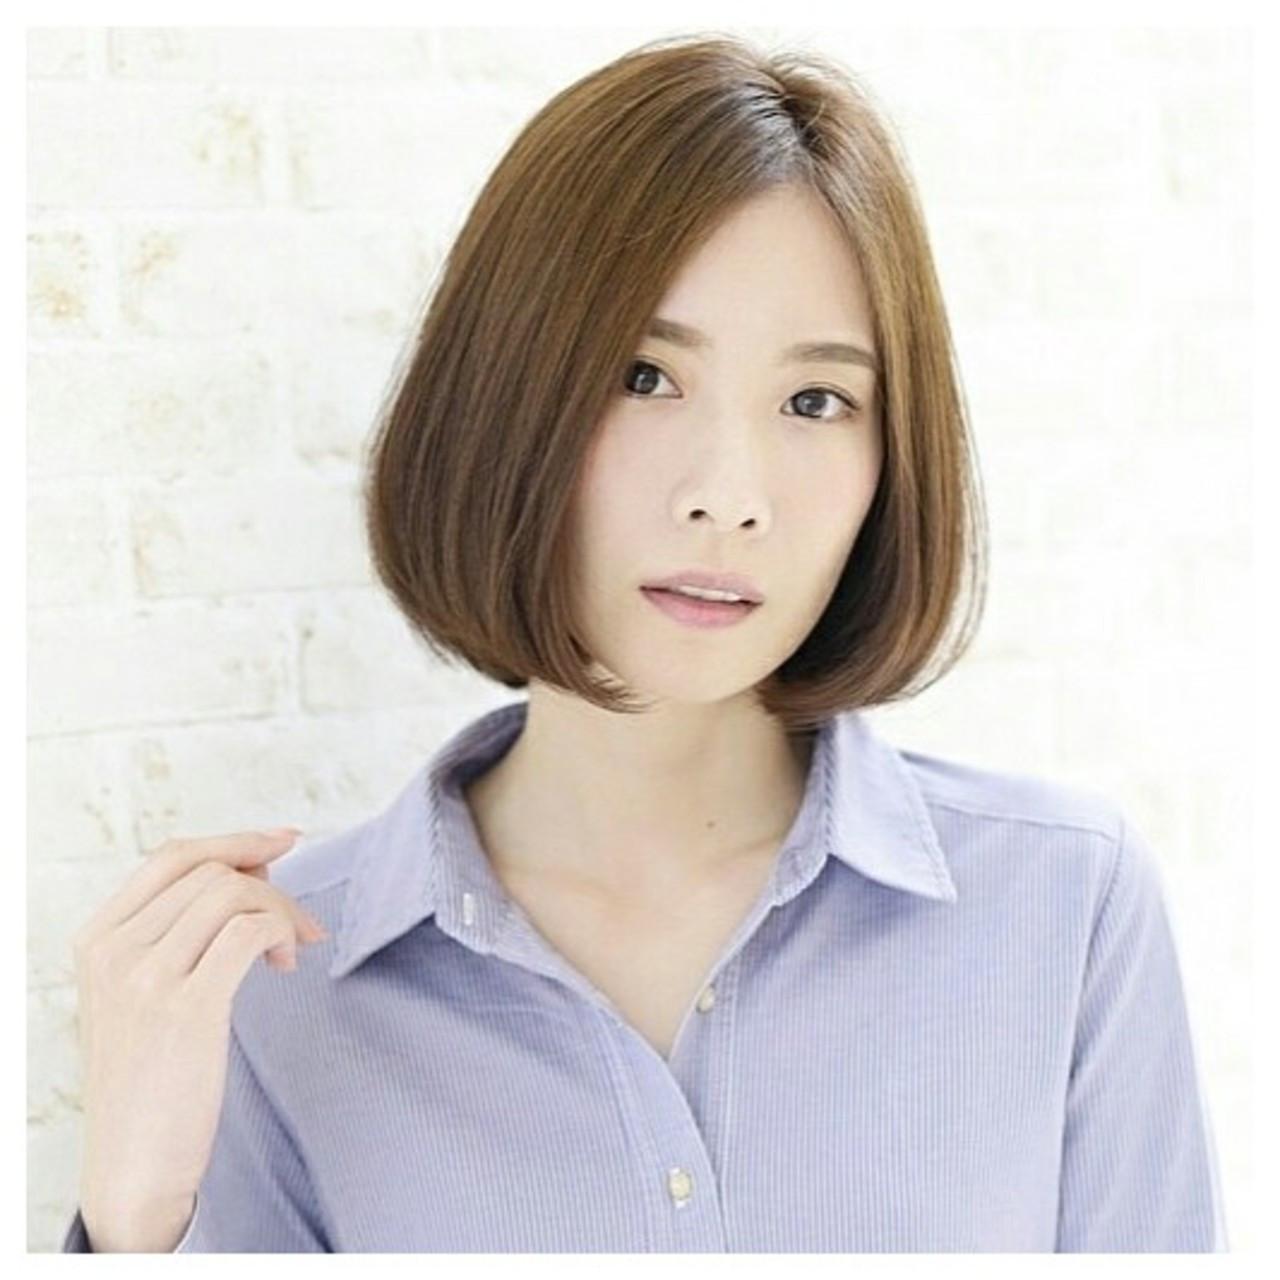 伸ばしかけ前髪はセンター分けで大人可愛く♡ショート×センター分け美人カタログ 愛